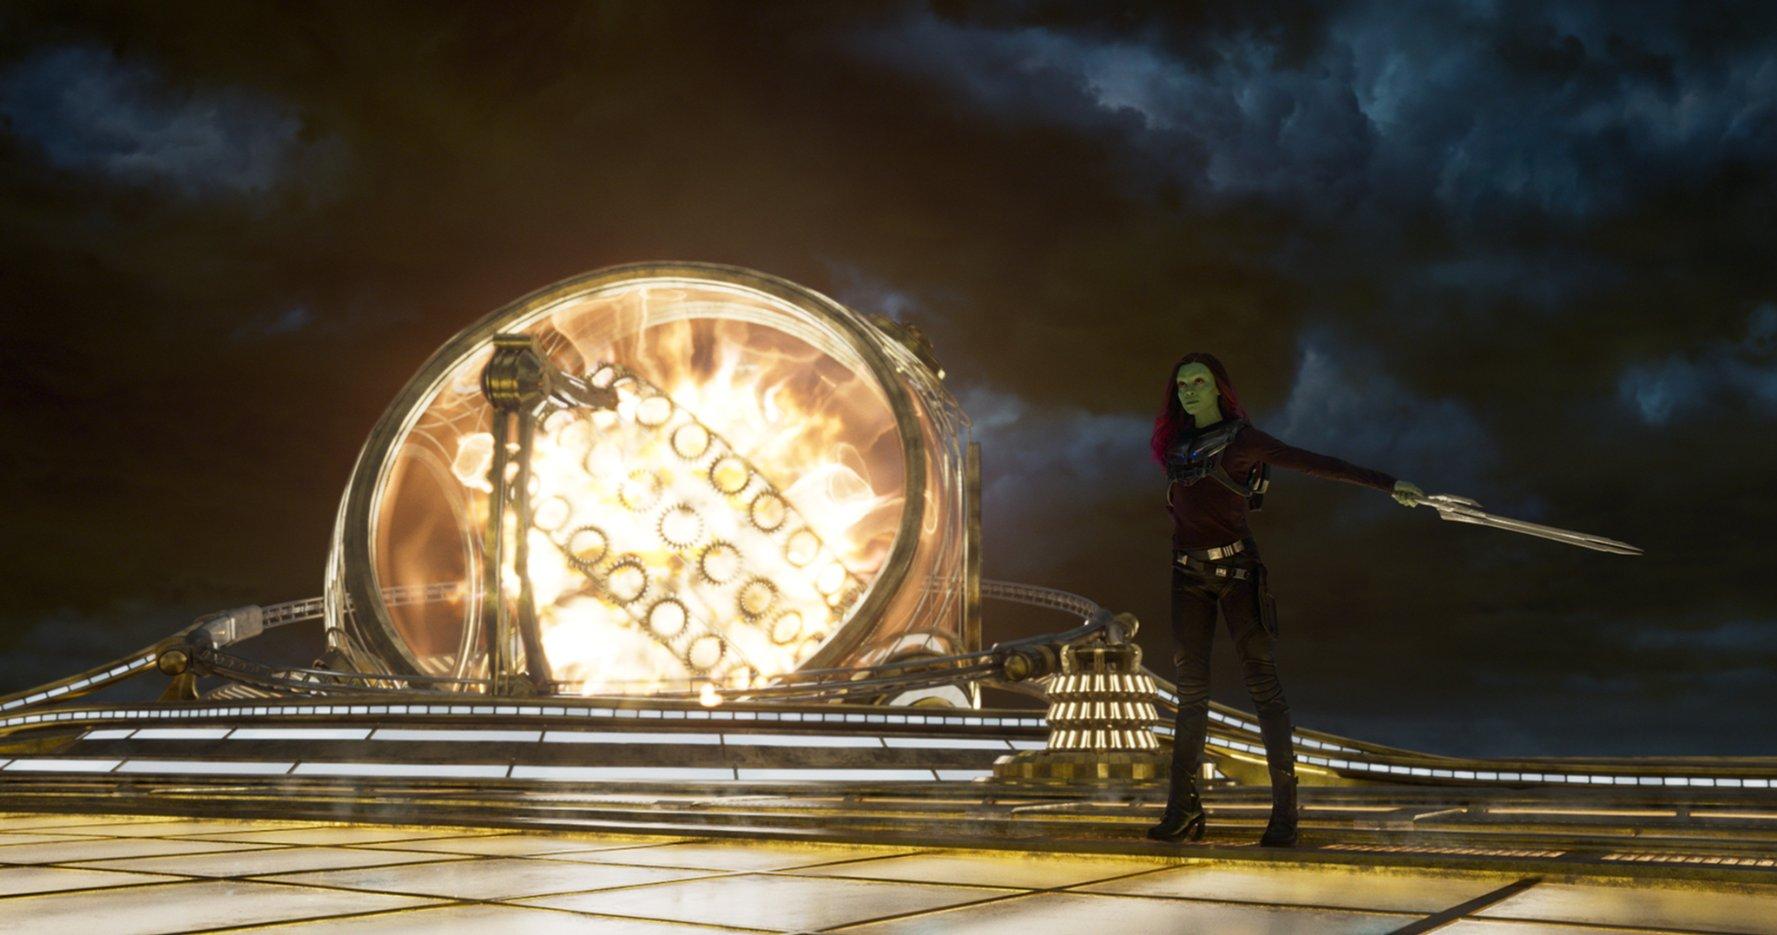 (4) film-chuvari-na-galaksijata-2-guardians-of-the-galaxy-vol-2-www.kafepauza.mk